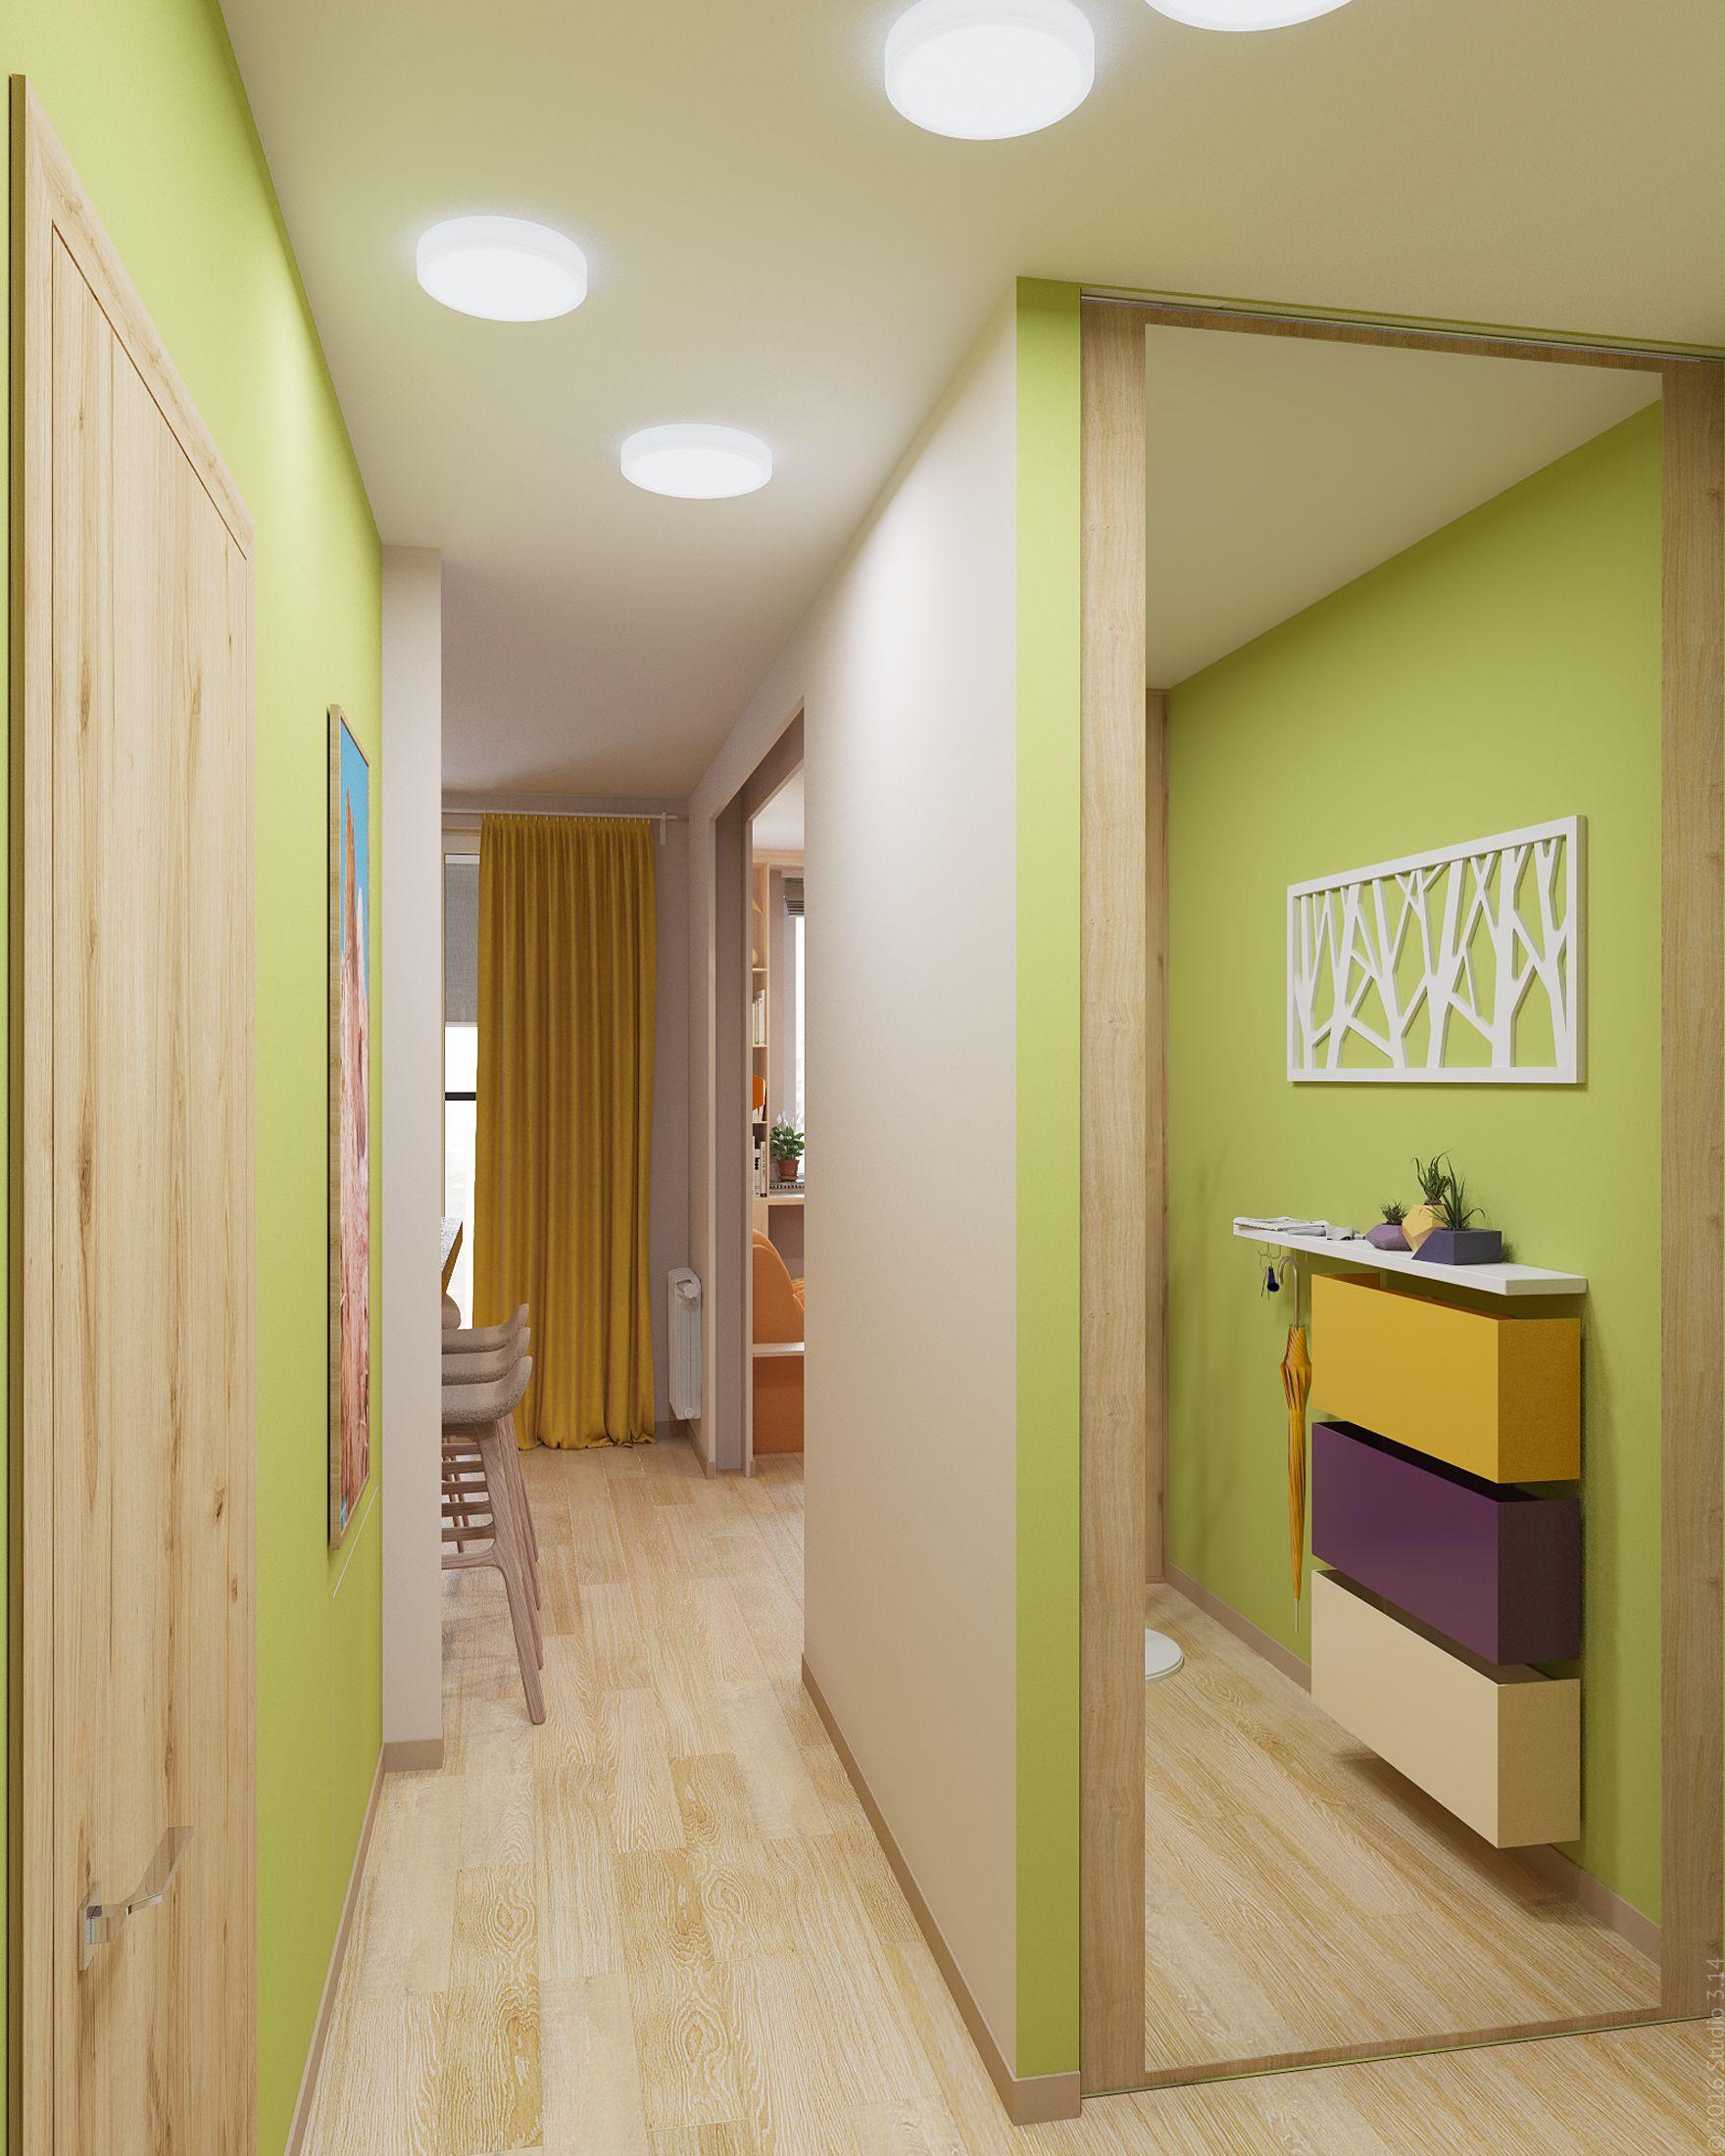 пошаговых коридор в однокомнатной квартире дизайн фото решила взять